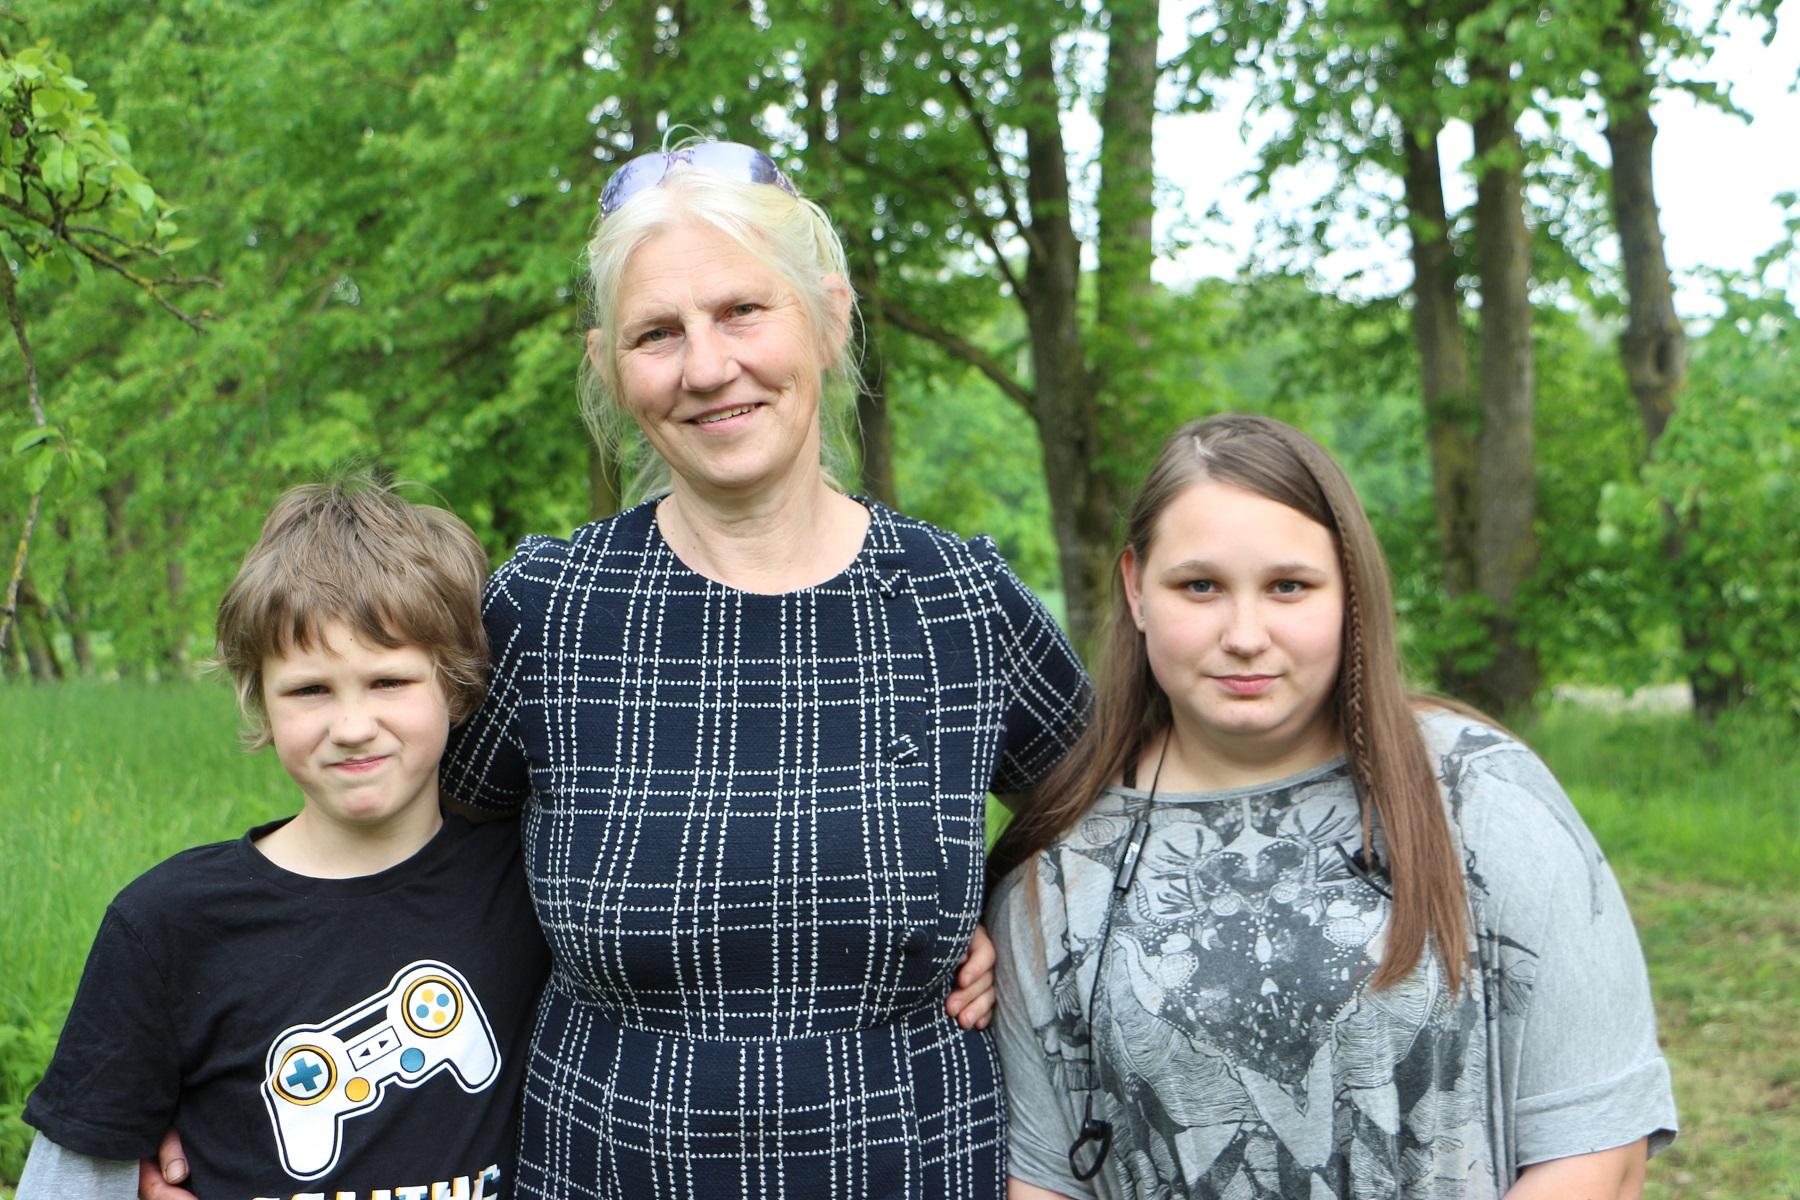 Rita Karnišauskienė ir jos globotiniai Deimantė bei Irmantas šiuo metu gyvena Puodžiuose.